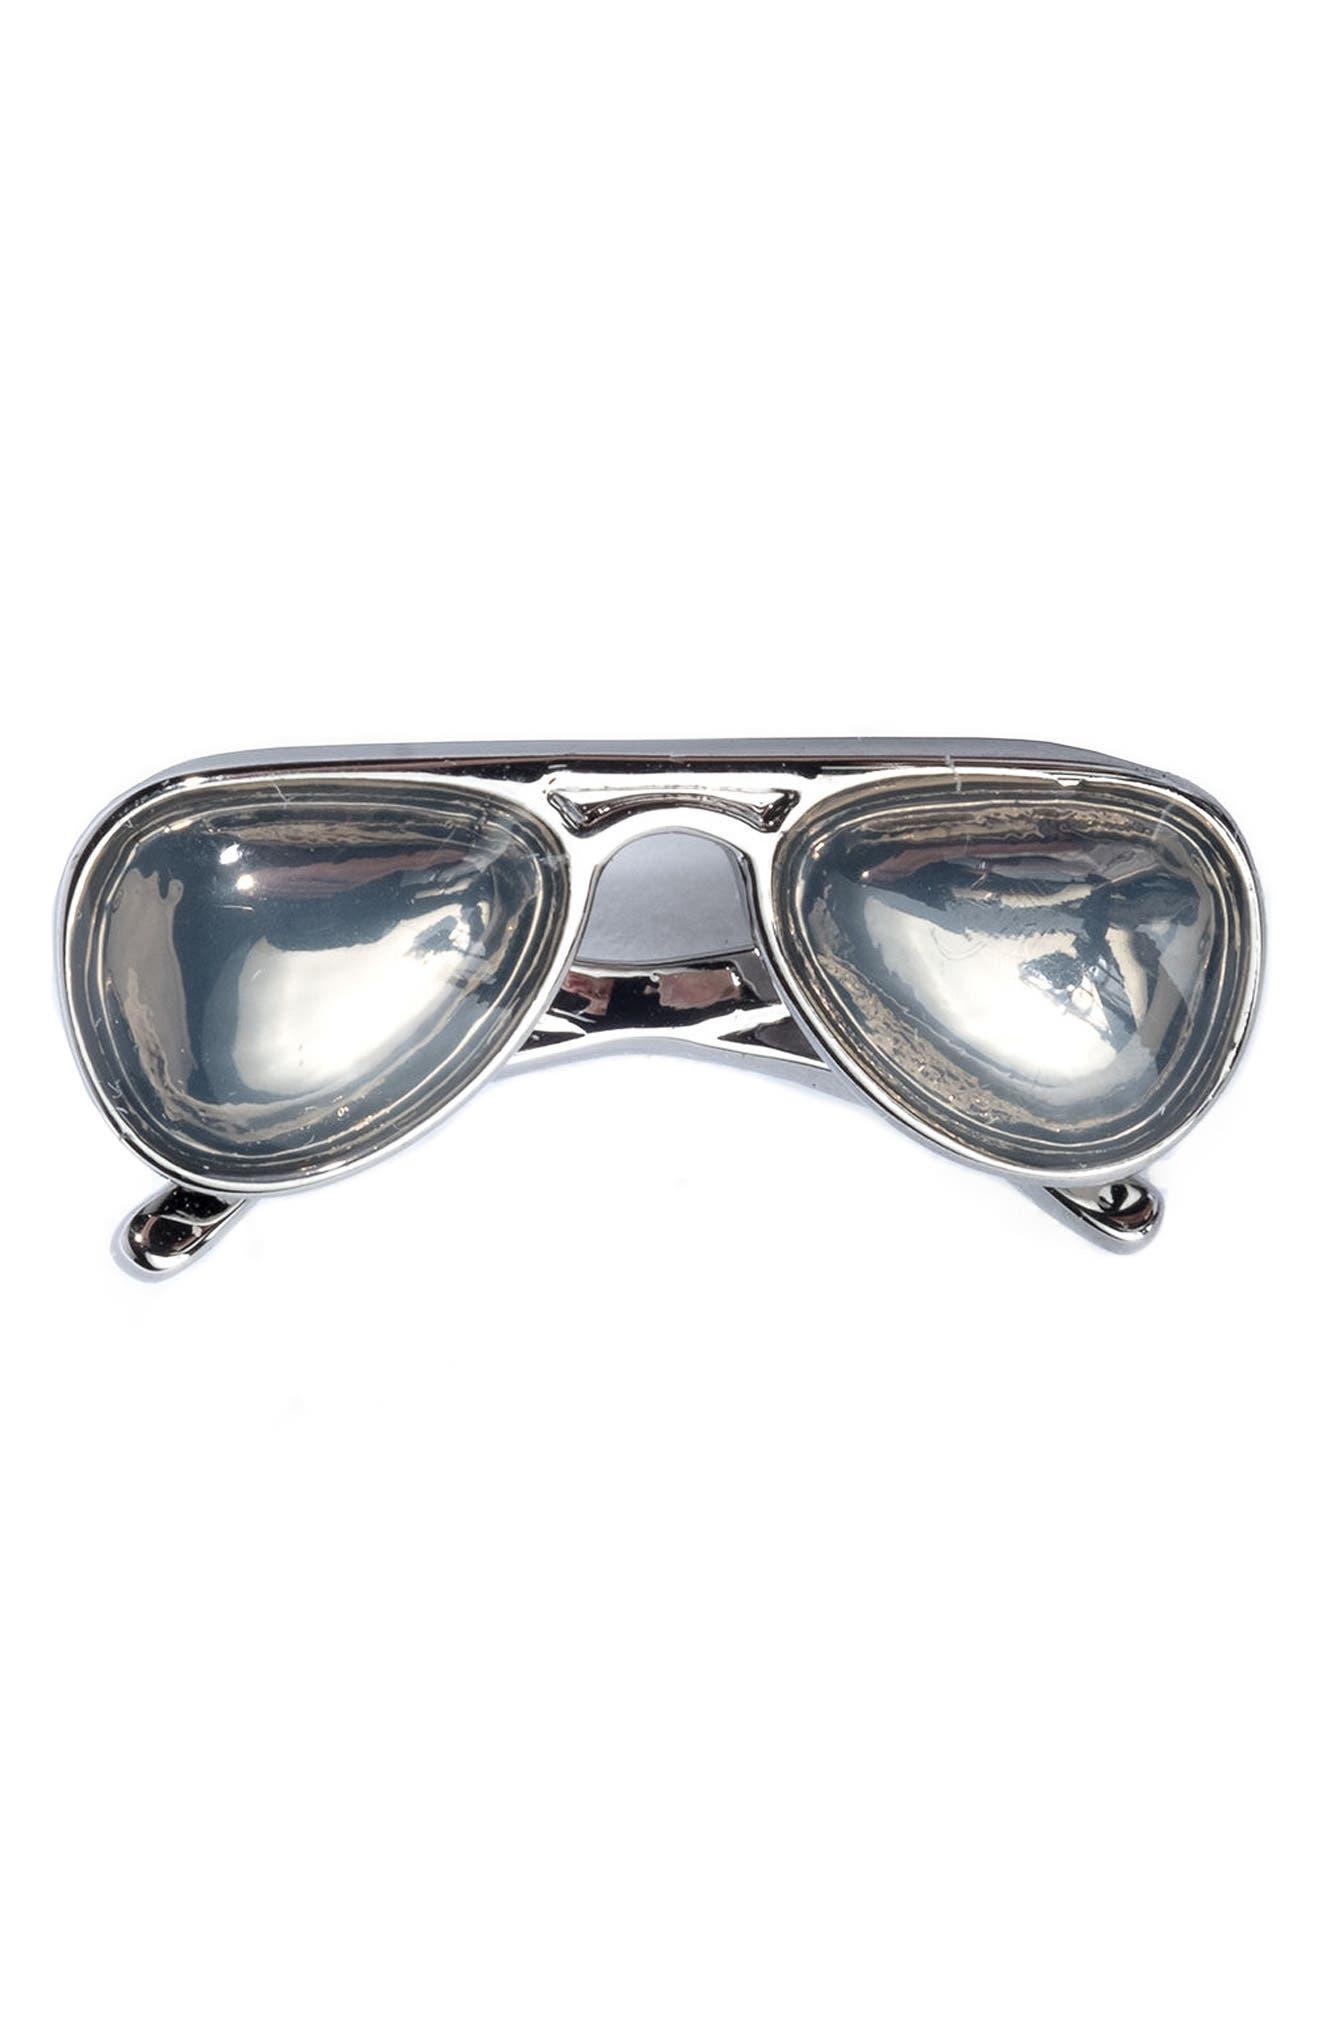 Sunglasses Lapel Pin,                         Main,                         color, Silver